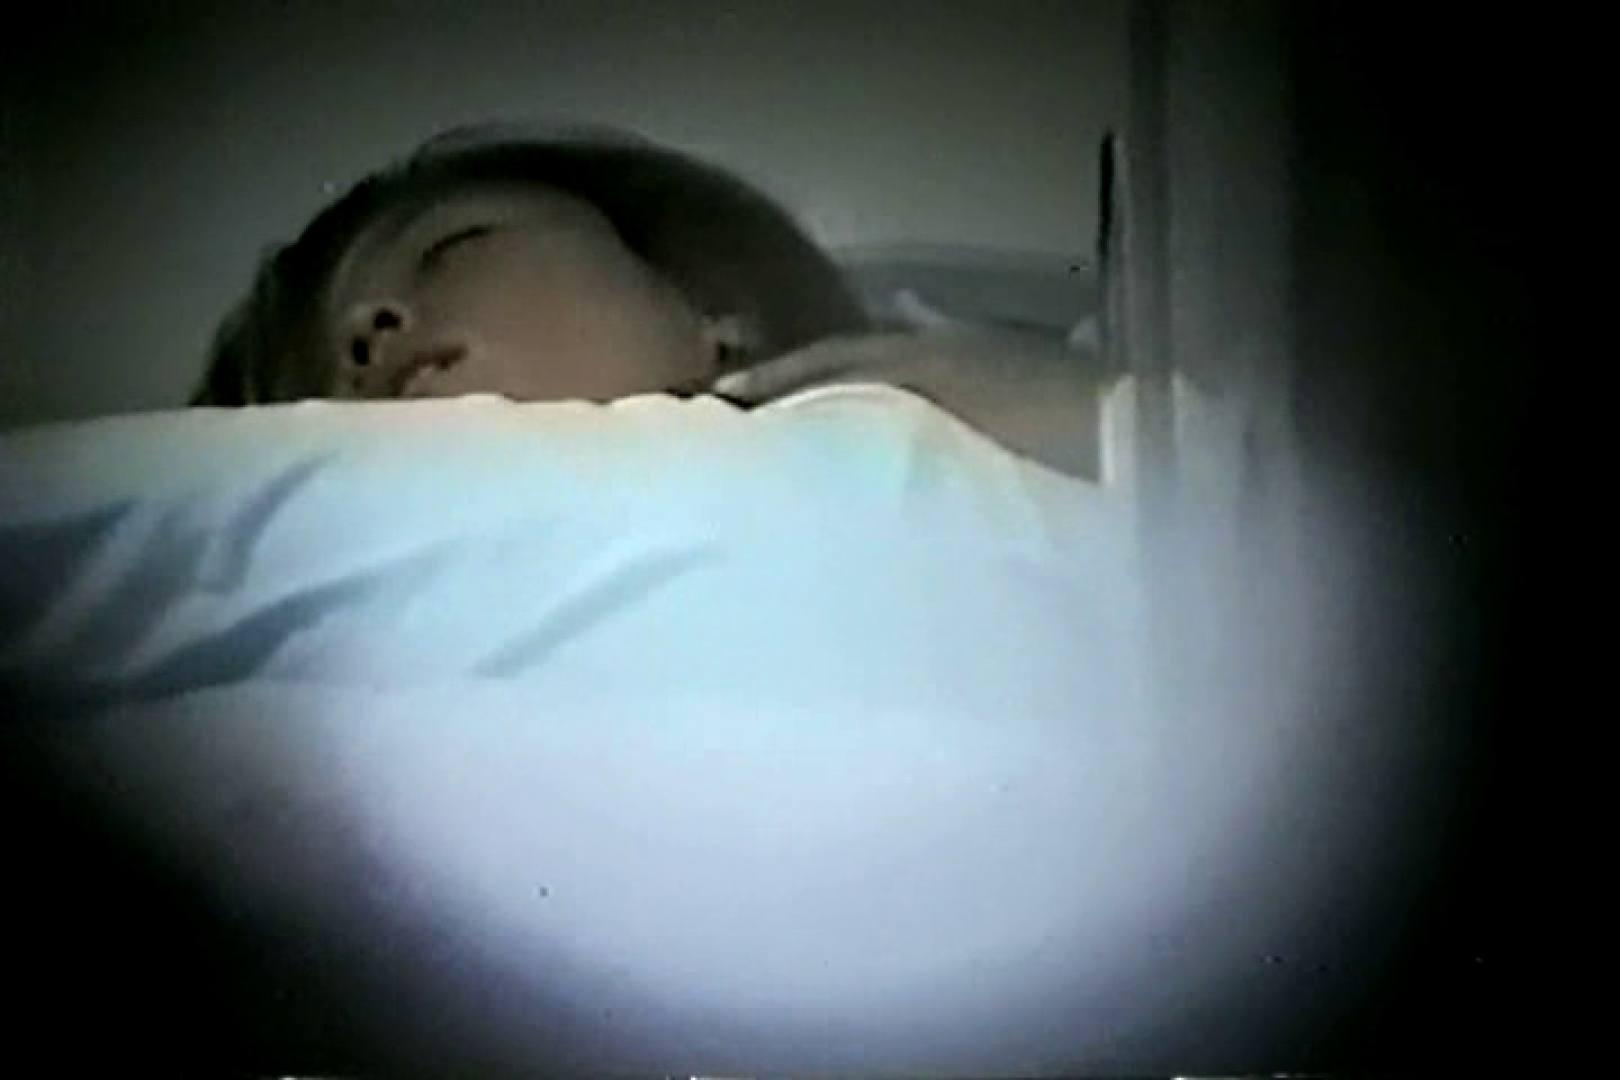 深夜の撮影会Vol.6 オナニー オメコ動画キャプチャ 102連発 77